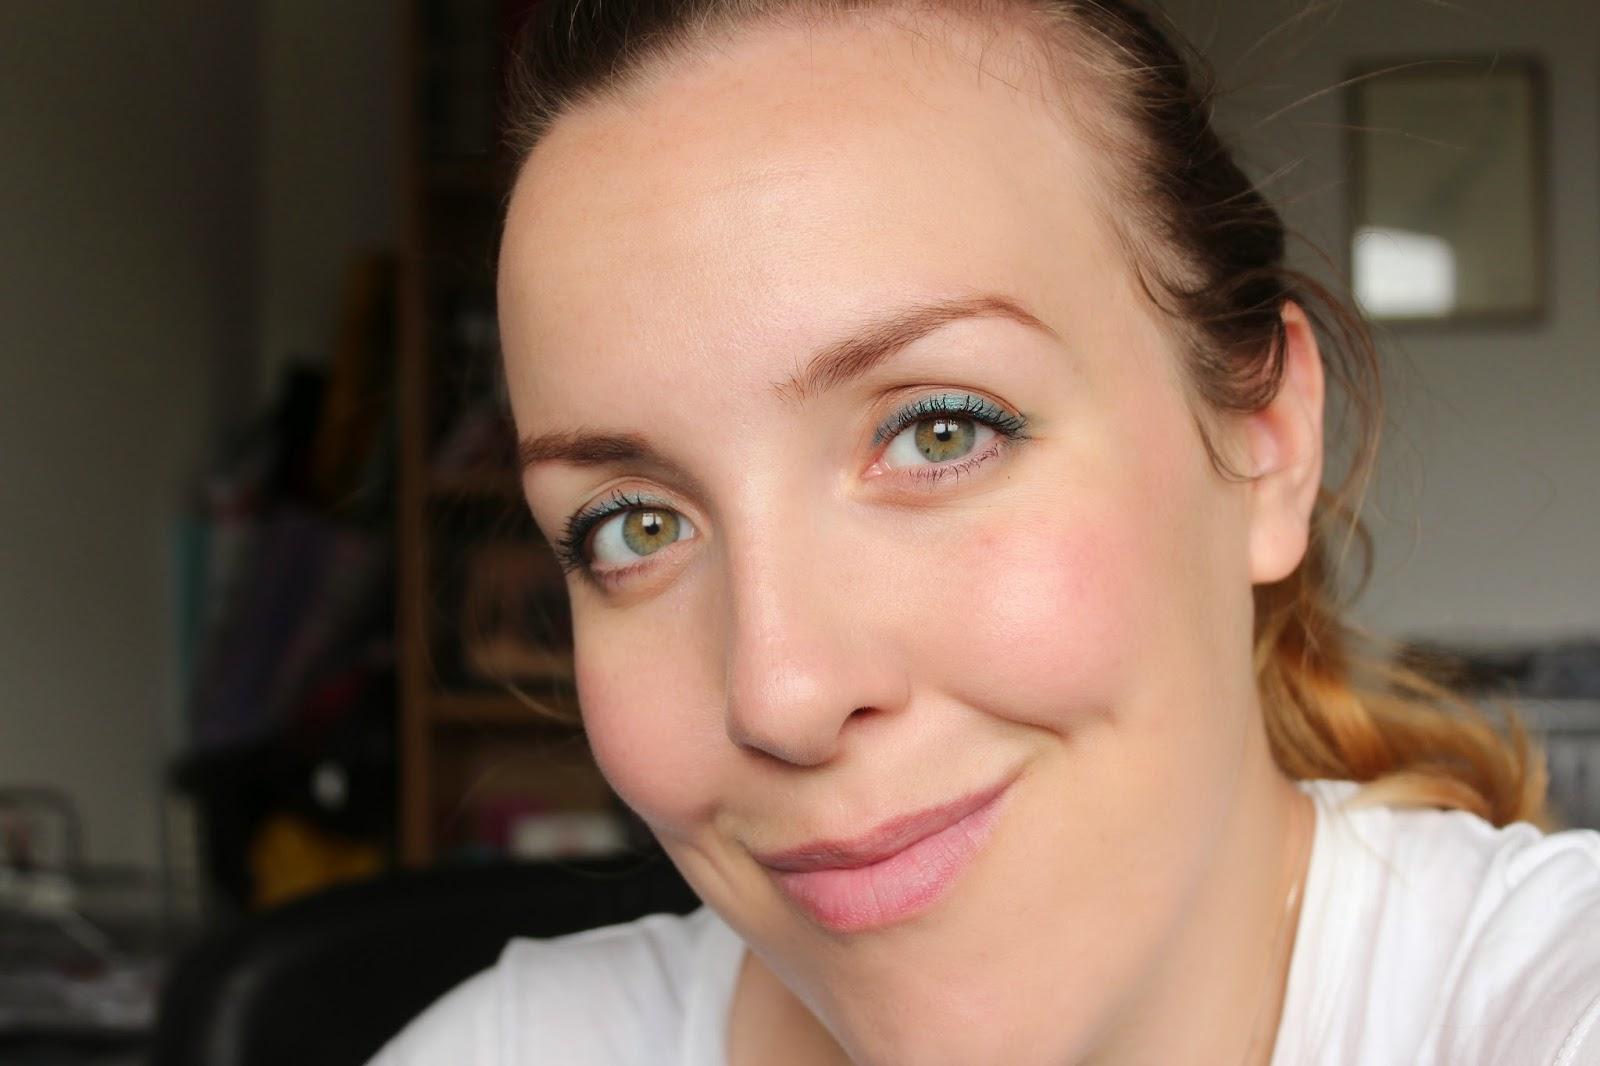 Review - Rimmel Retro Glam Mascara